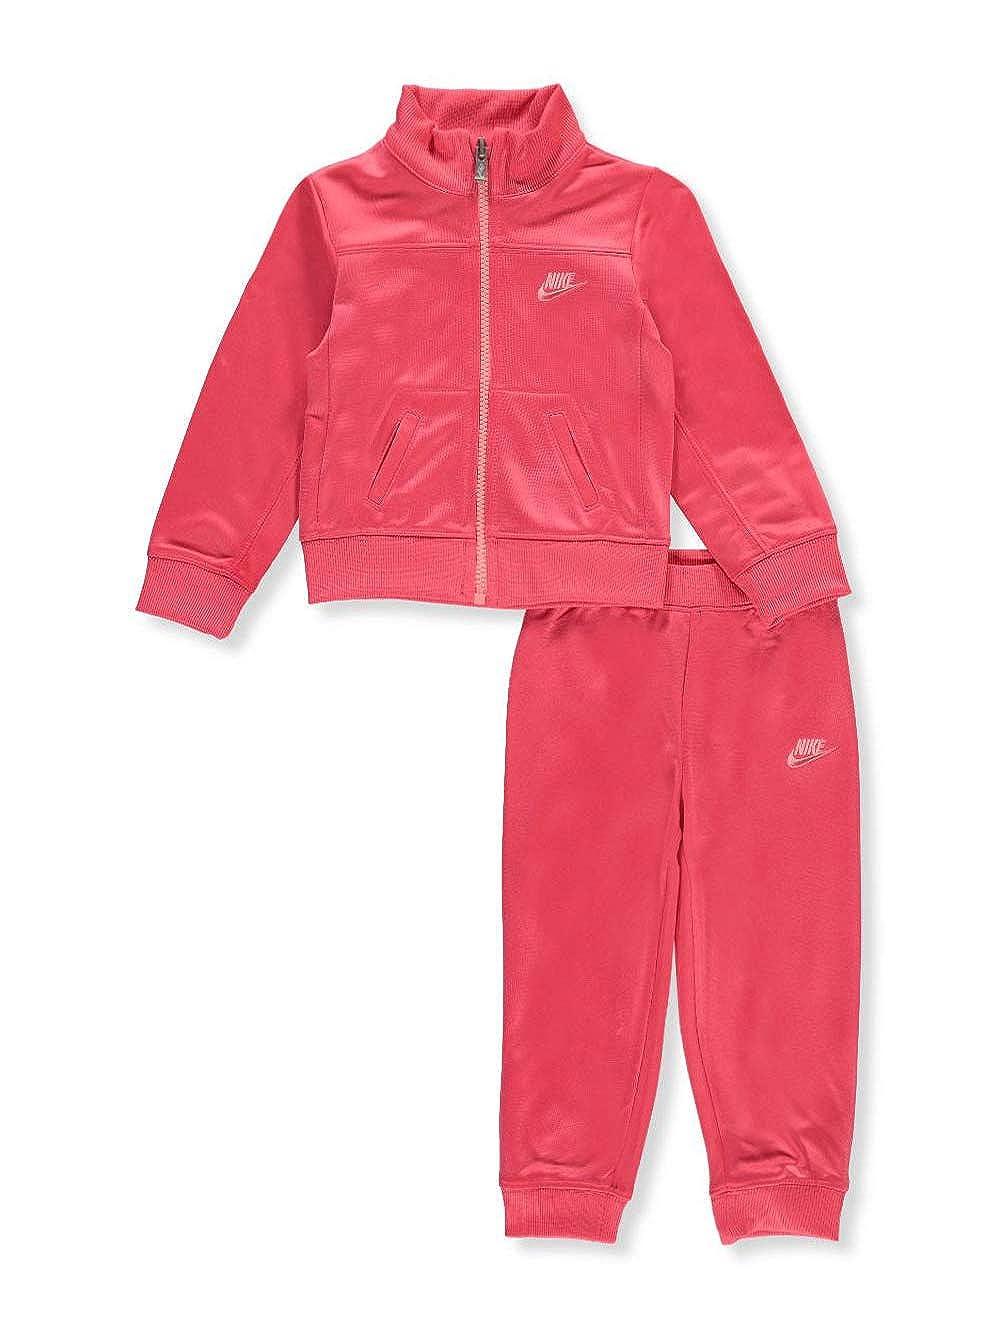 Nike 409s-r3u Sudadera, Bebé-Niños: Amazon.es: Ropa y accesorios